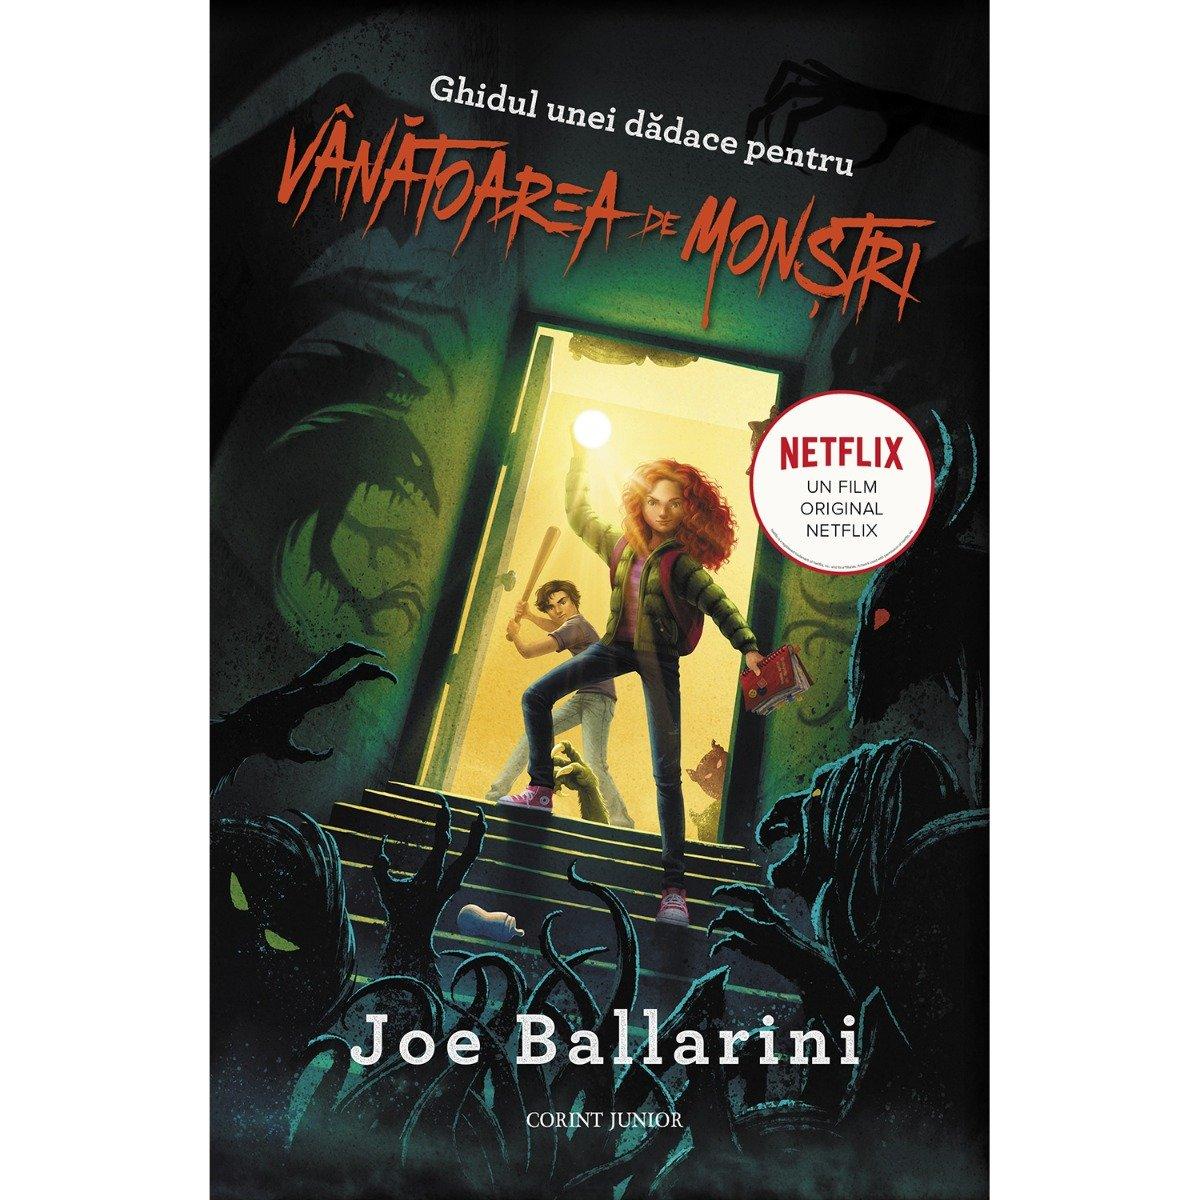 Carte Editura Corint, Ghidul unei dadace pentru vanatoarea de monstri, Joe Ballarini